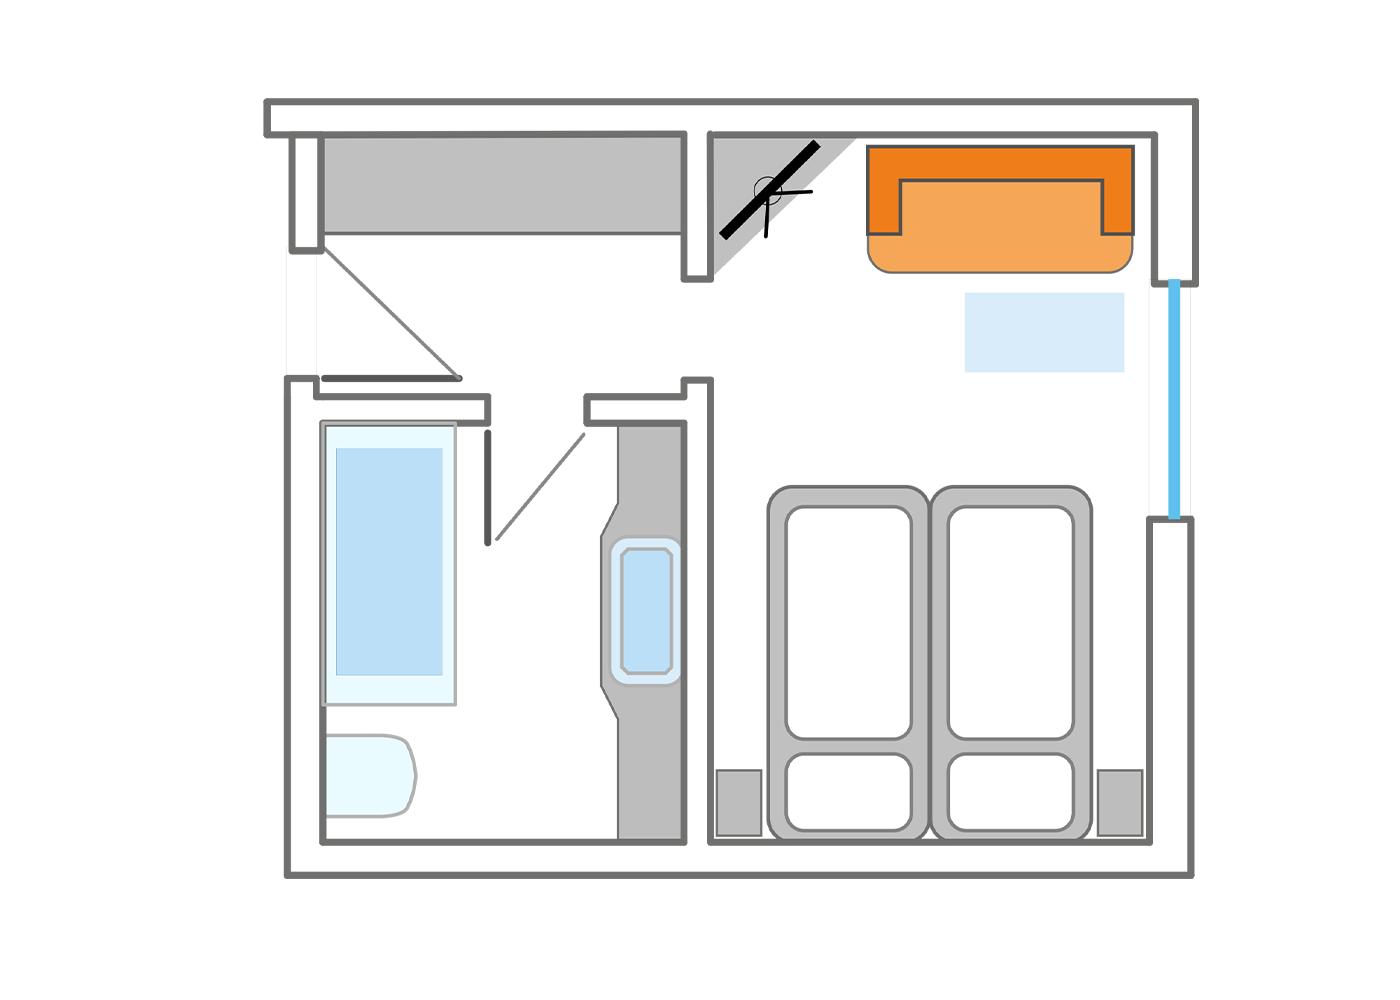 grundriss-doppelzimmer-eco